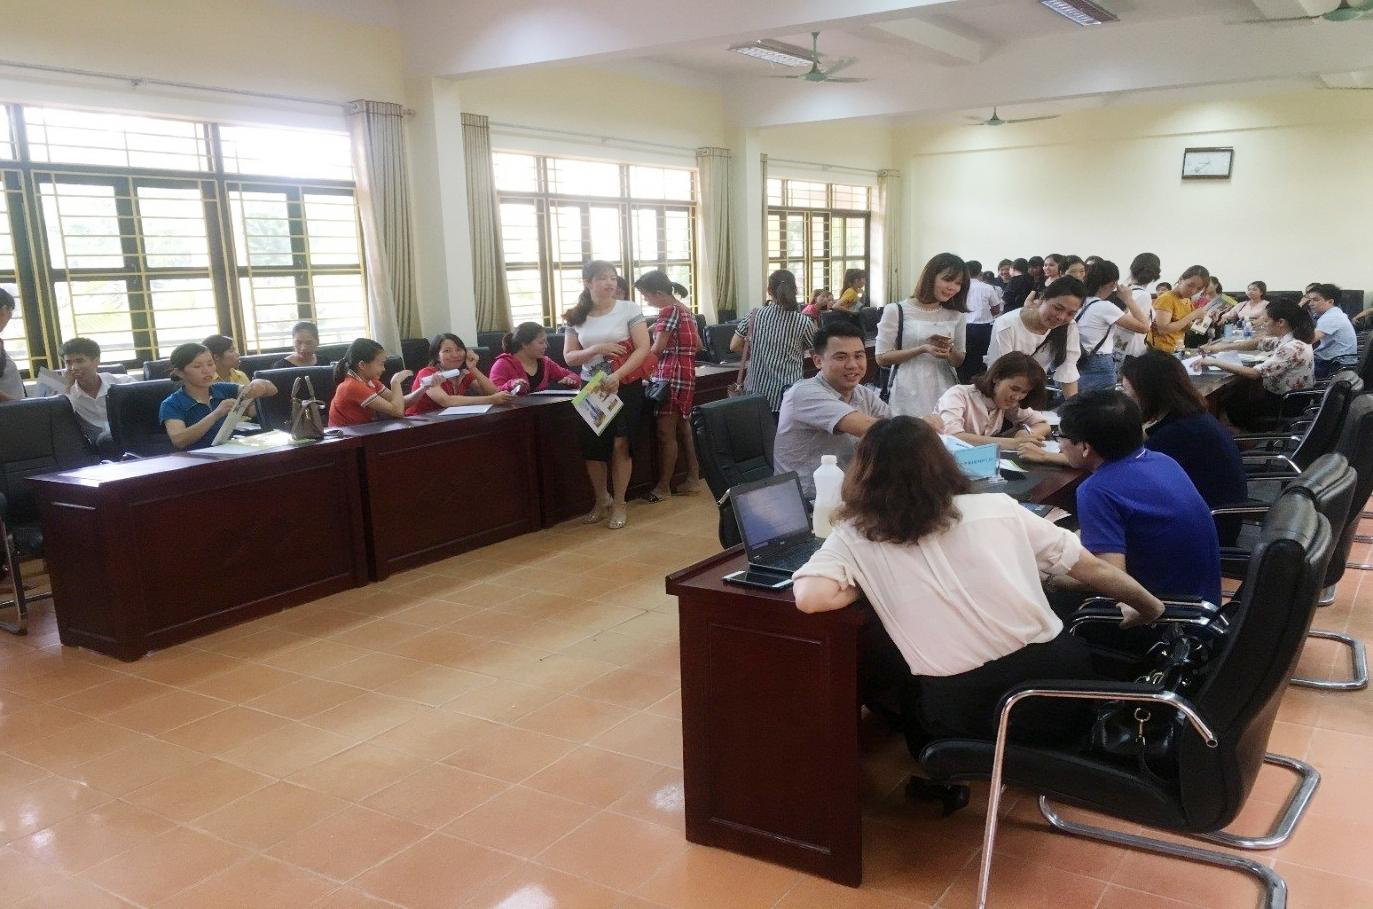 Phân hiệu  ĐHTN tại tỉnh Lào Cai tổ chức nhập học lớp Cao đẳng liên thông Mầm non khóa 19